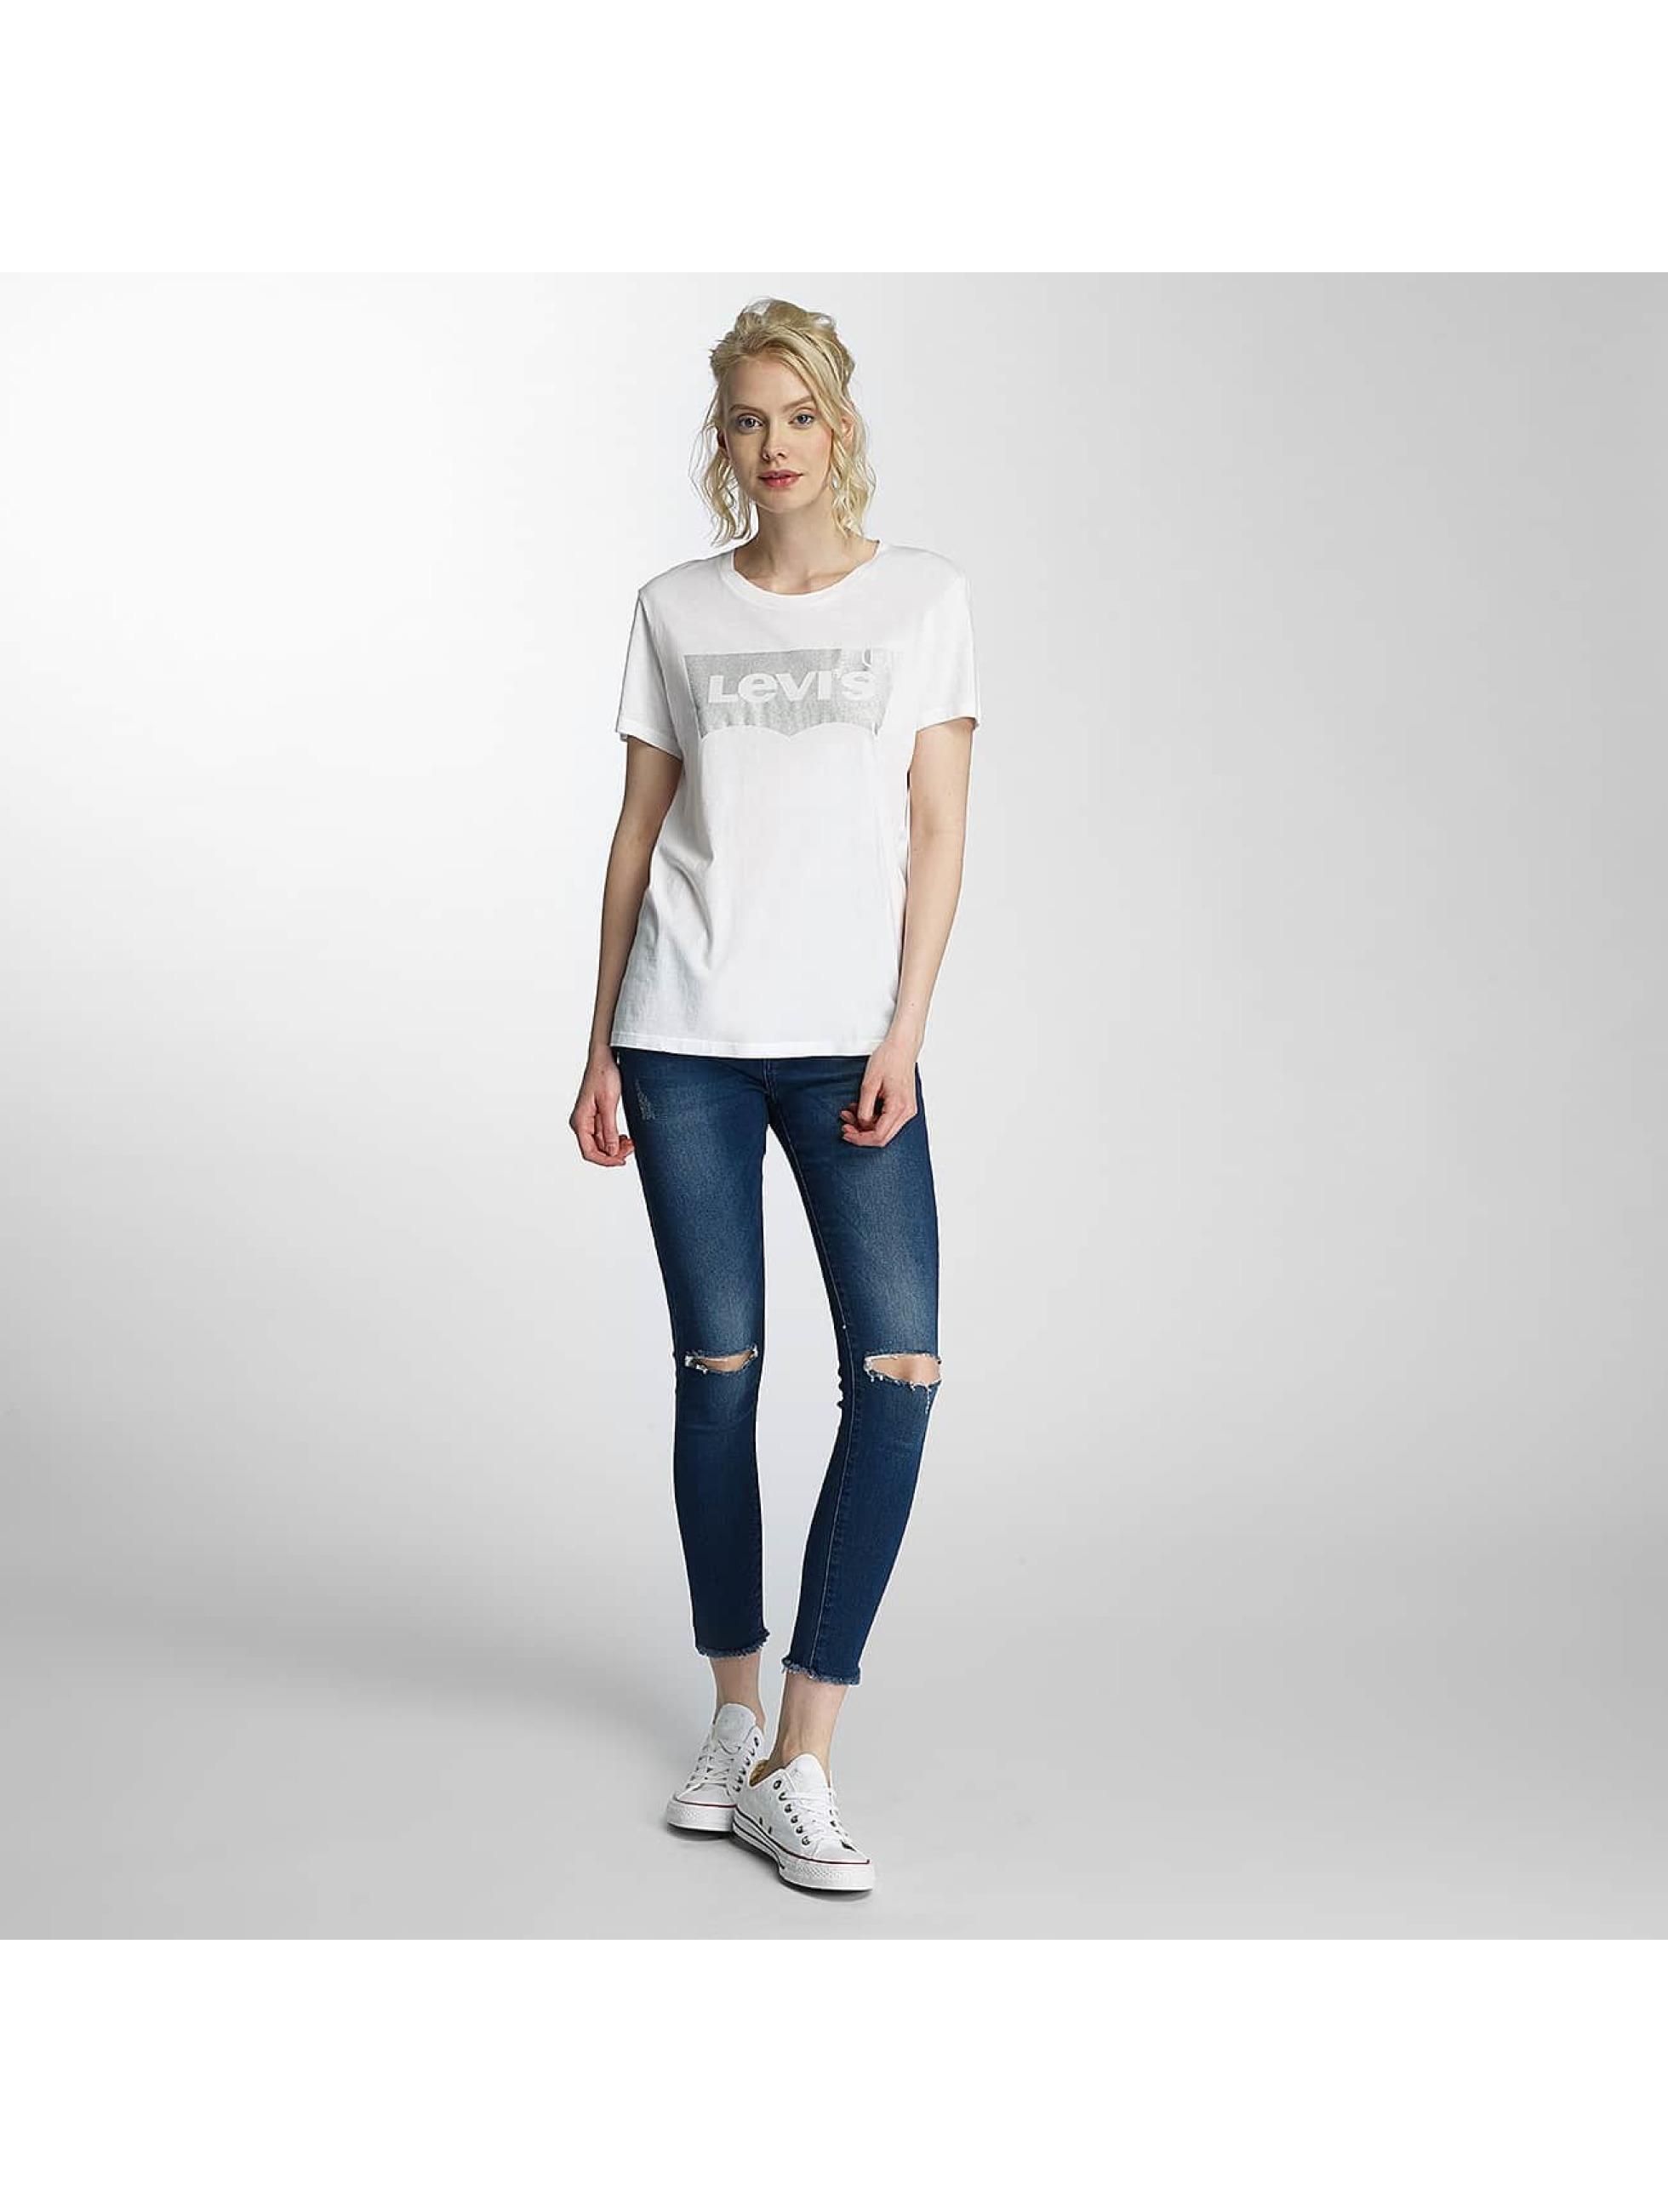 Levi's® T-Shirt Perfect weiß